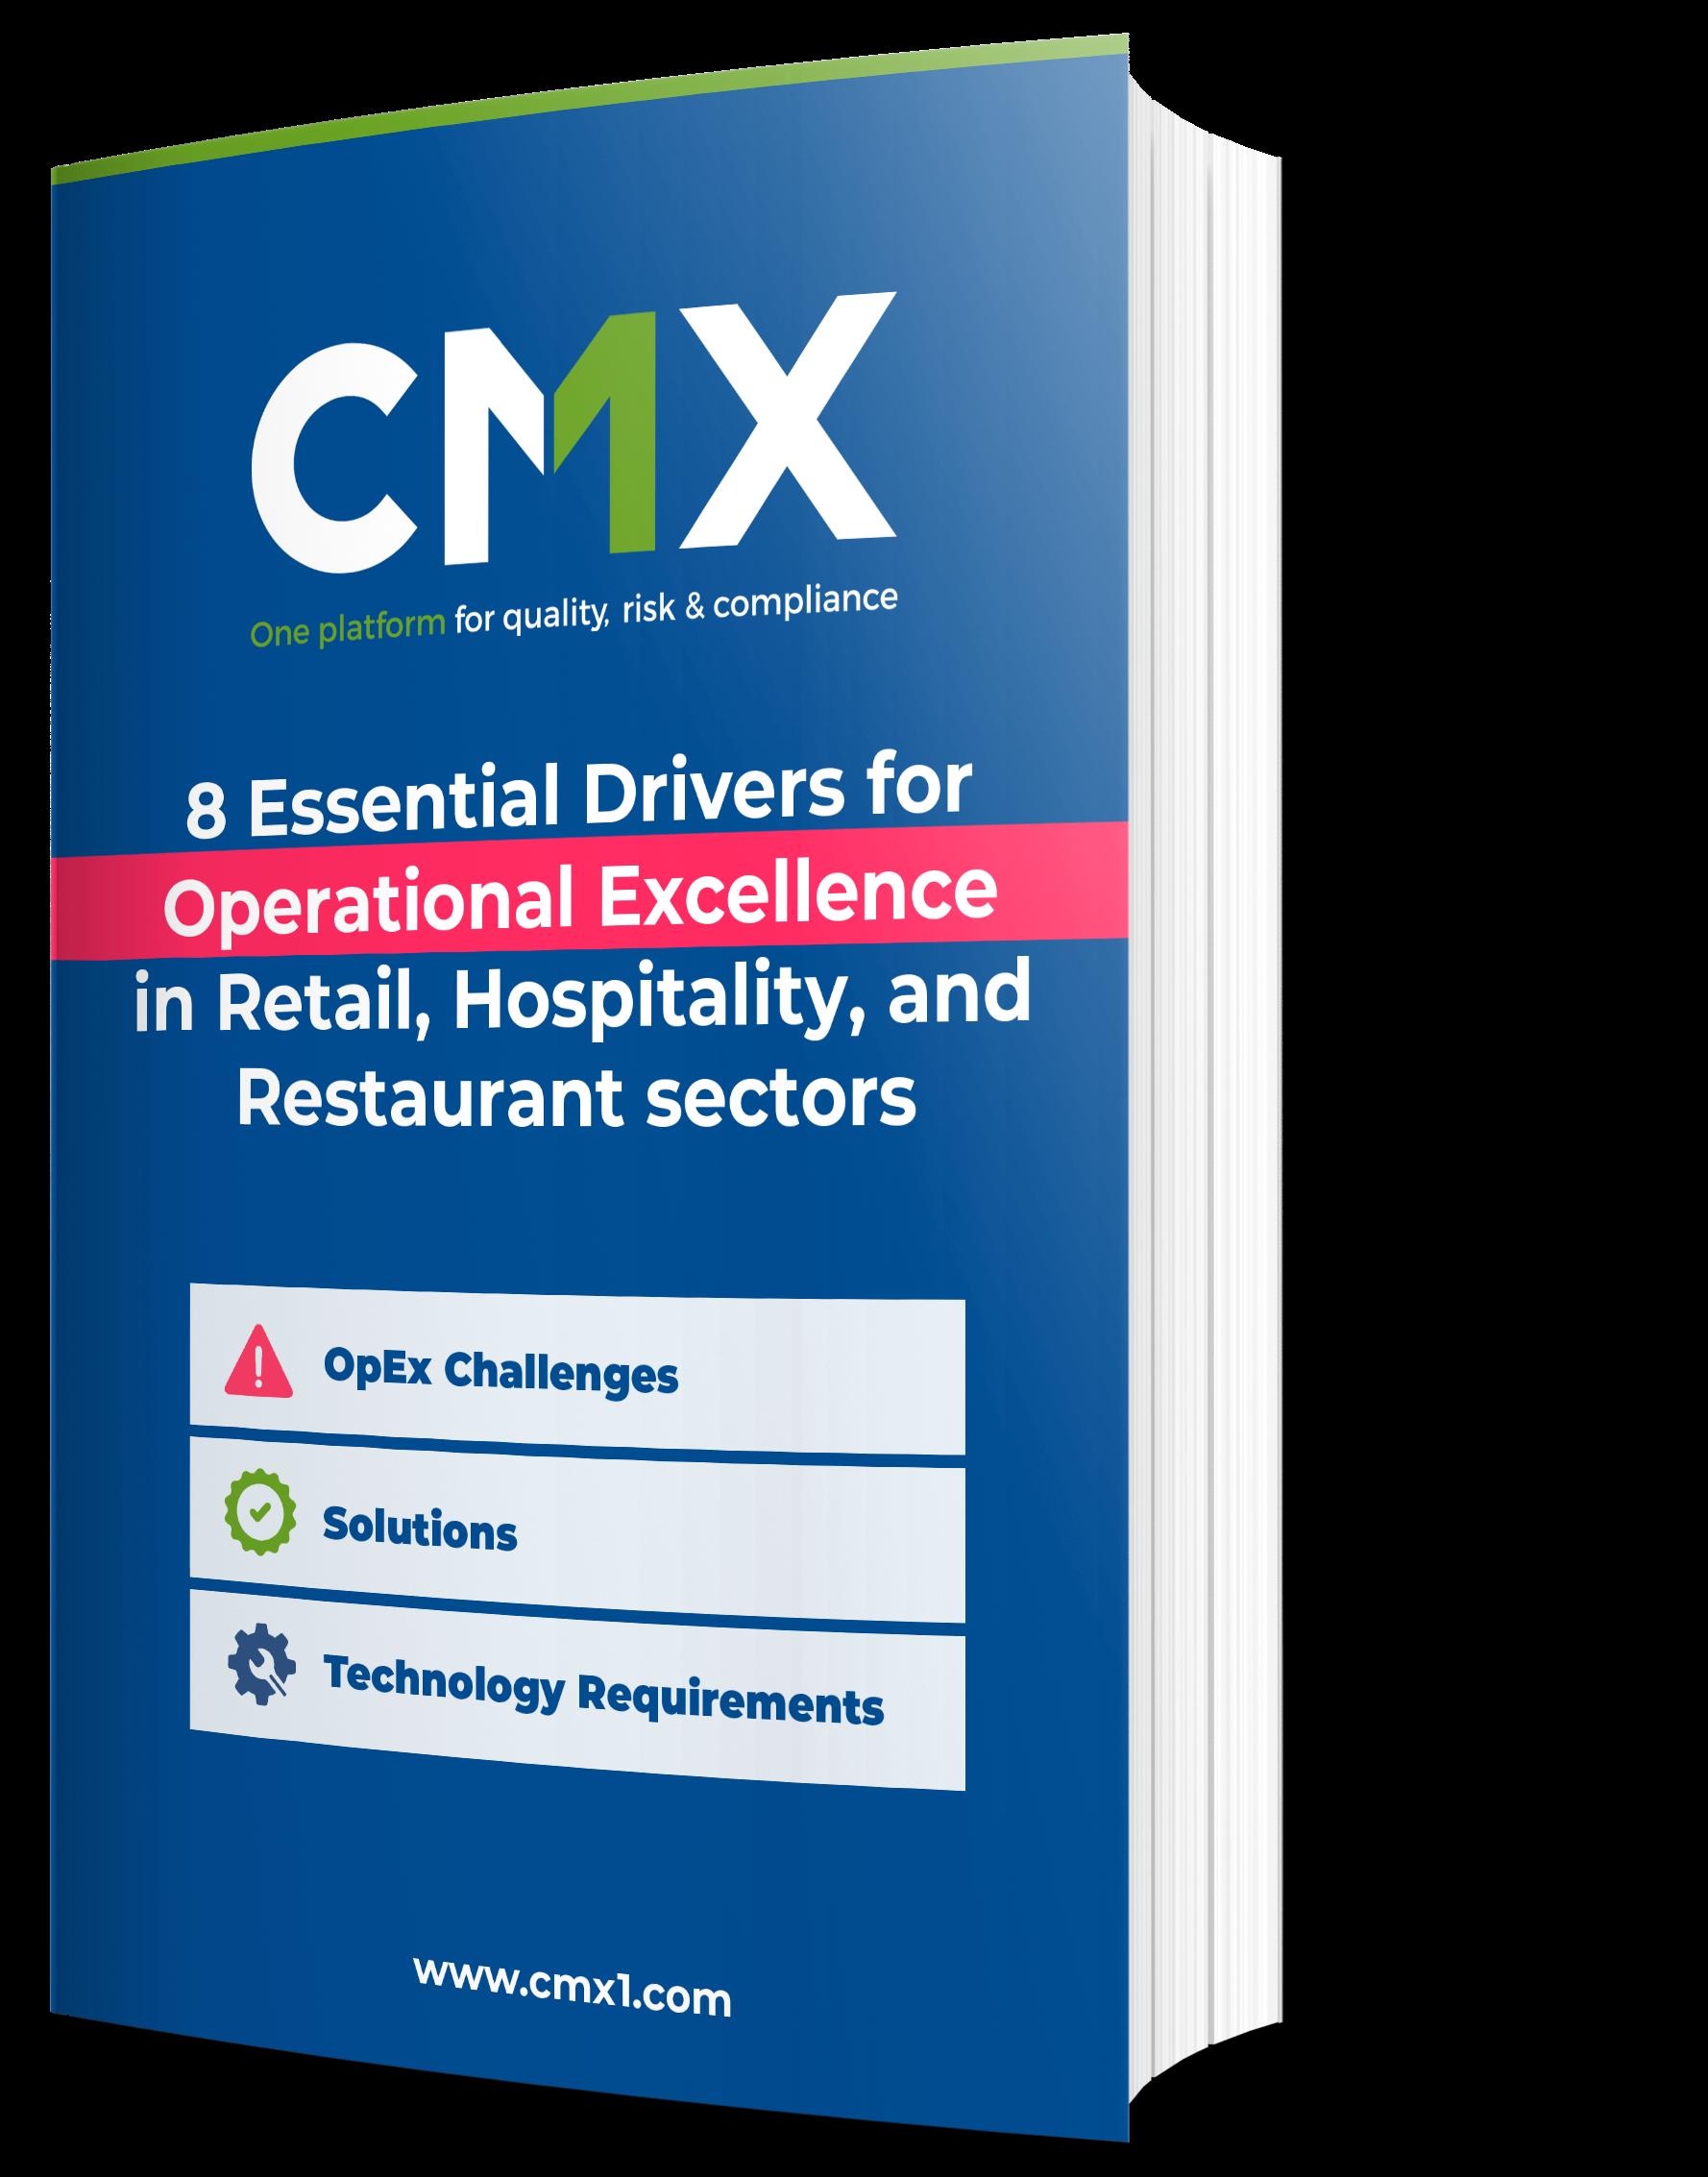 CMX_ebook_03_transparent-1